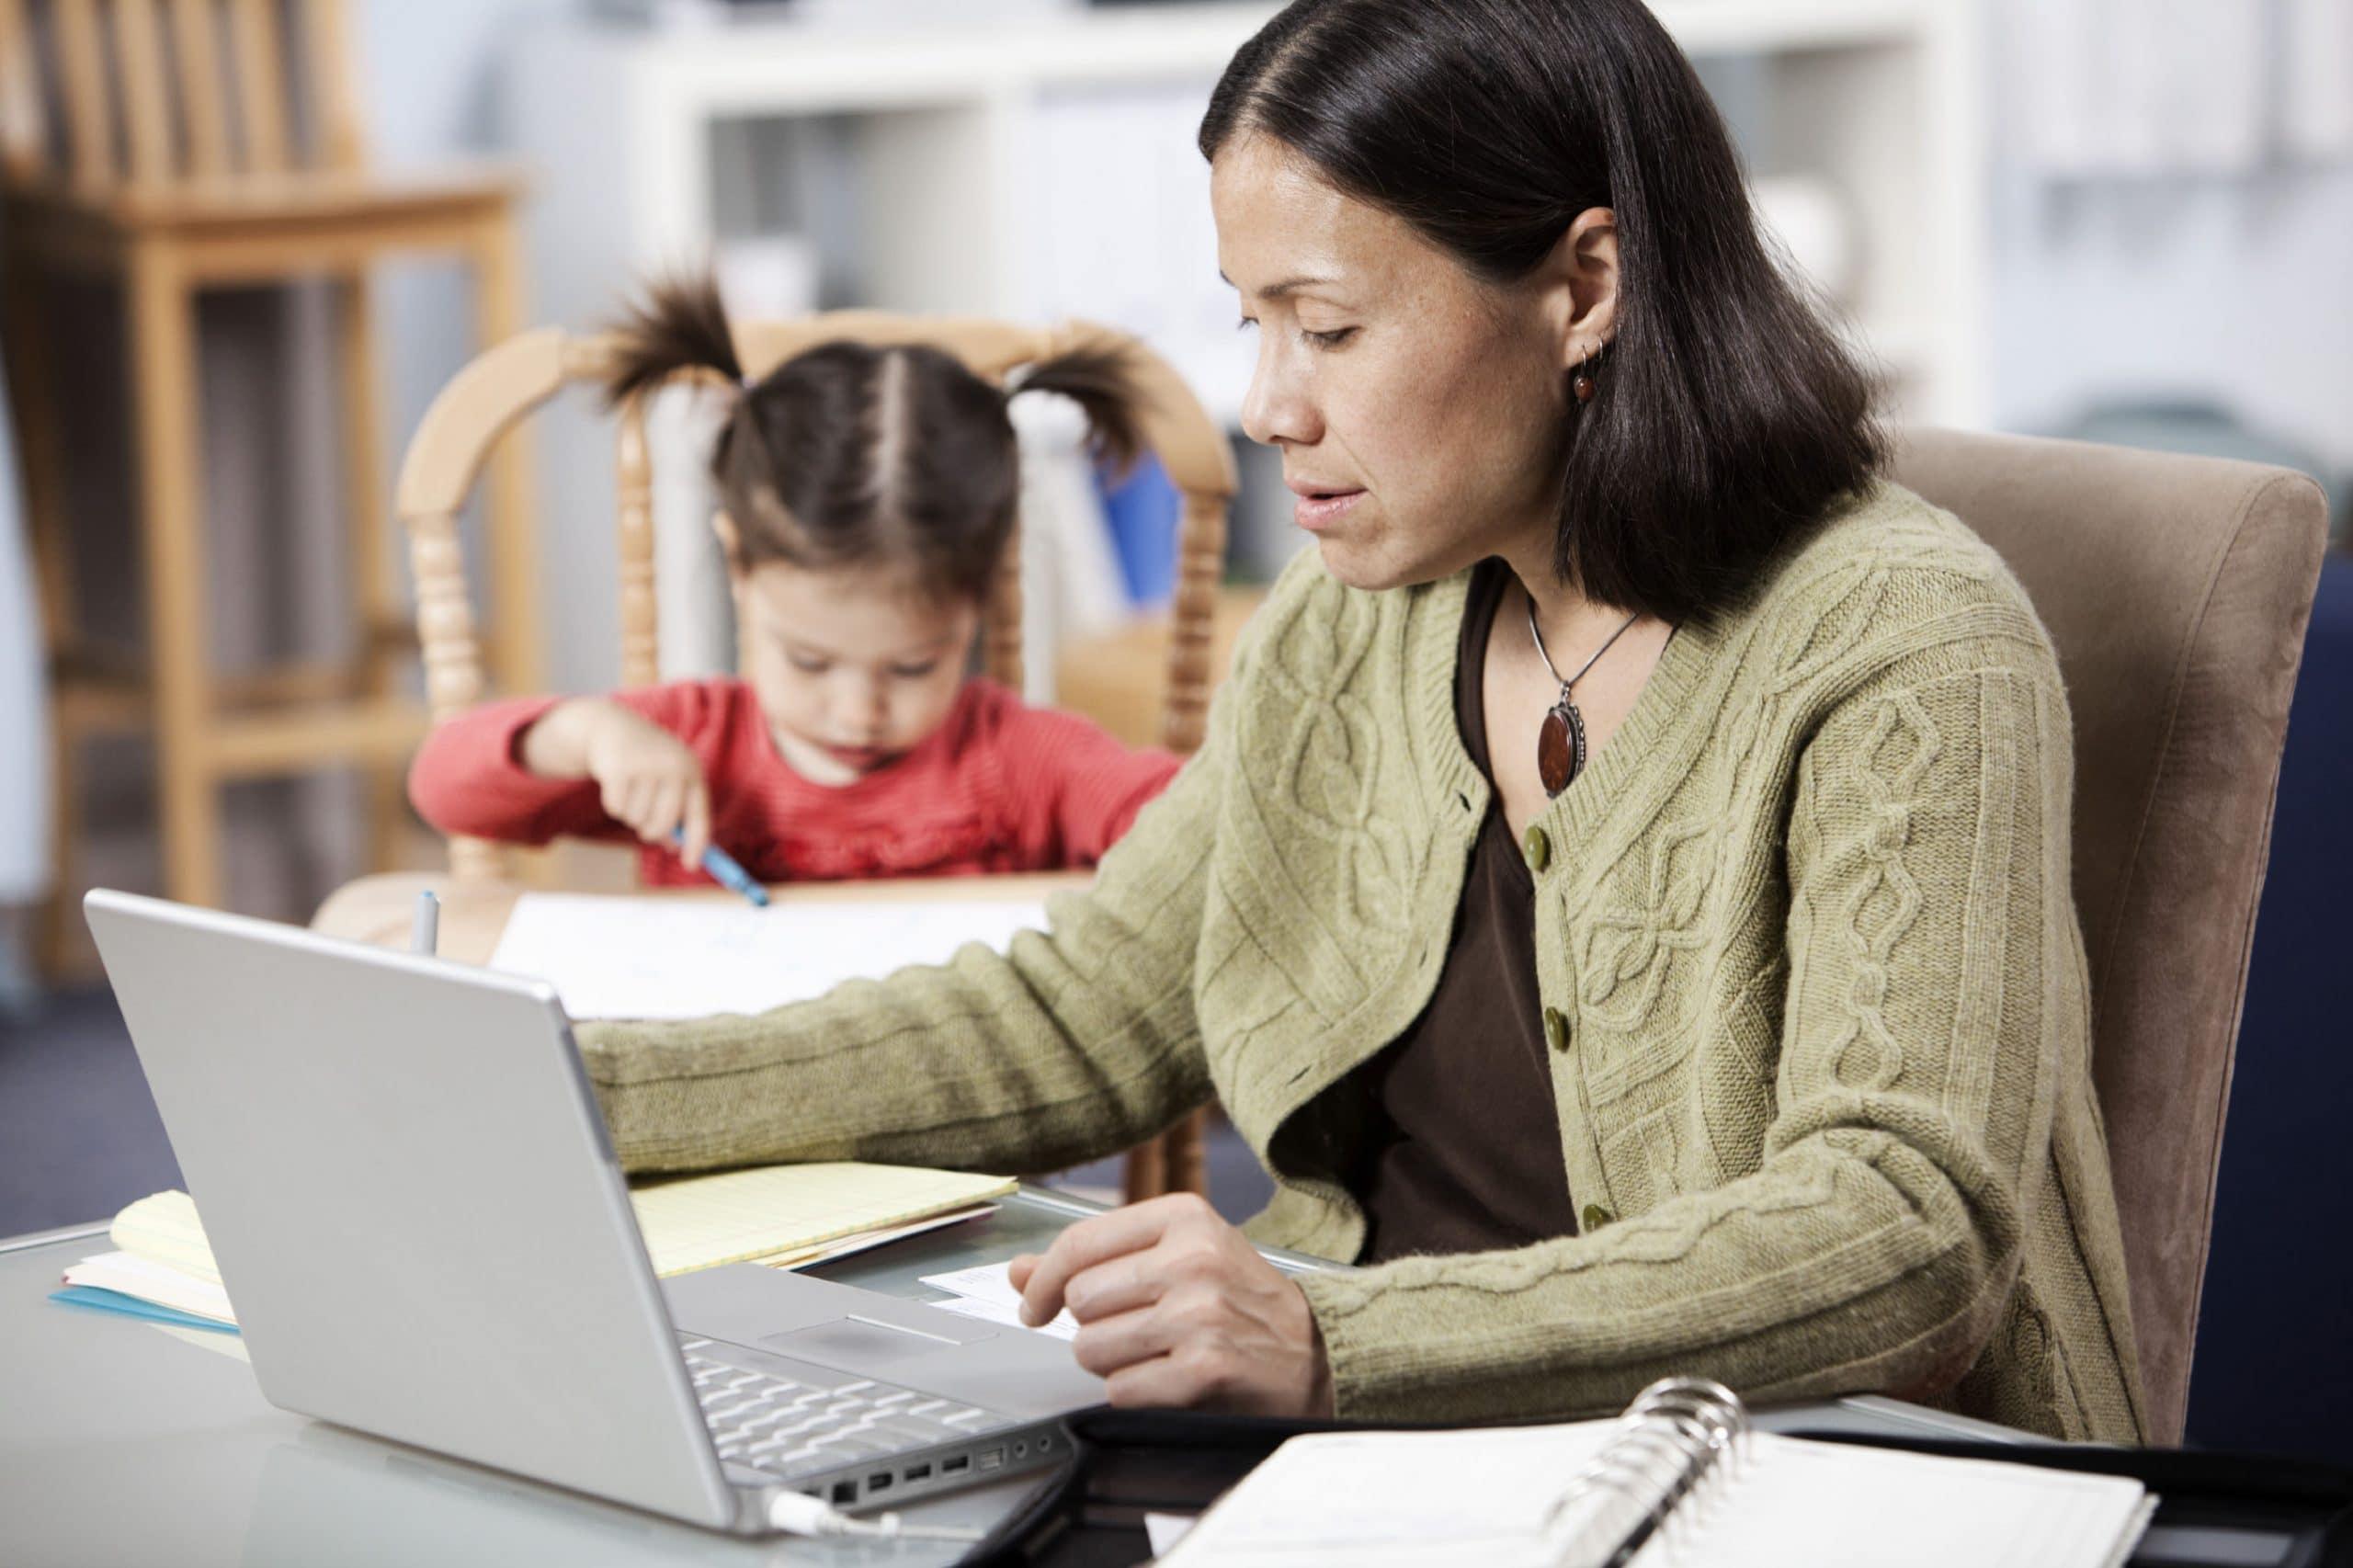 Bisnis Rumahan Yang Cocok untuk Ibu Rumah Tangga | PPOB ...